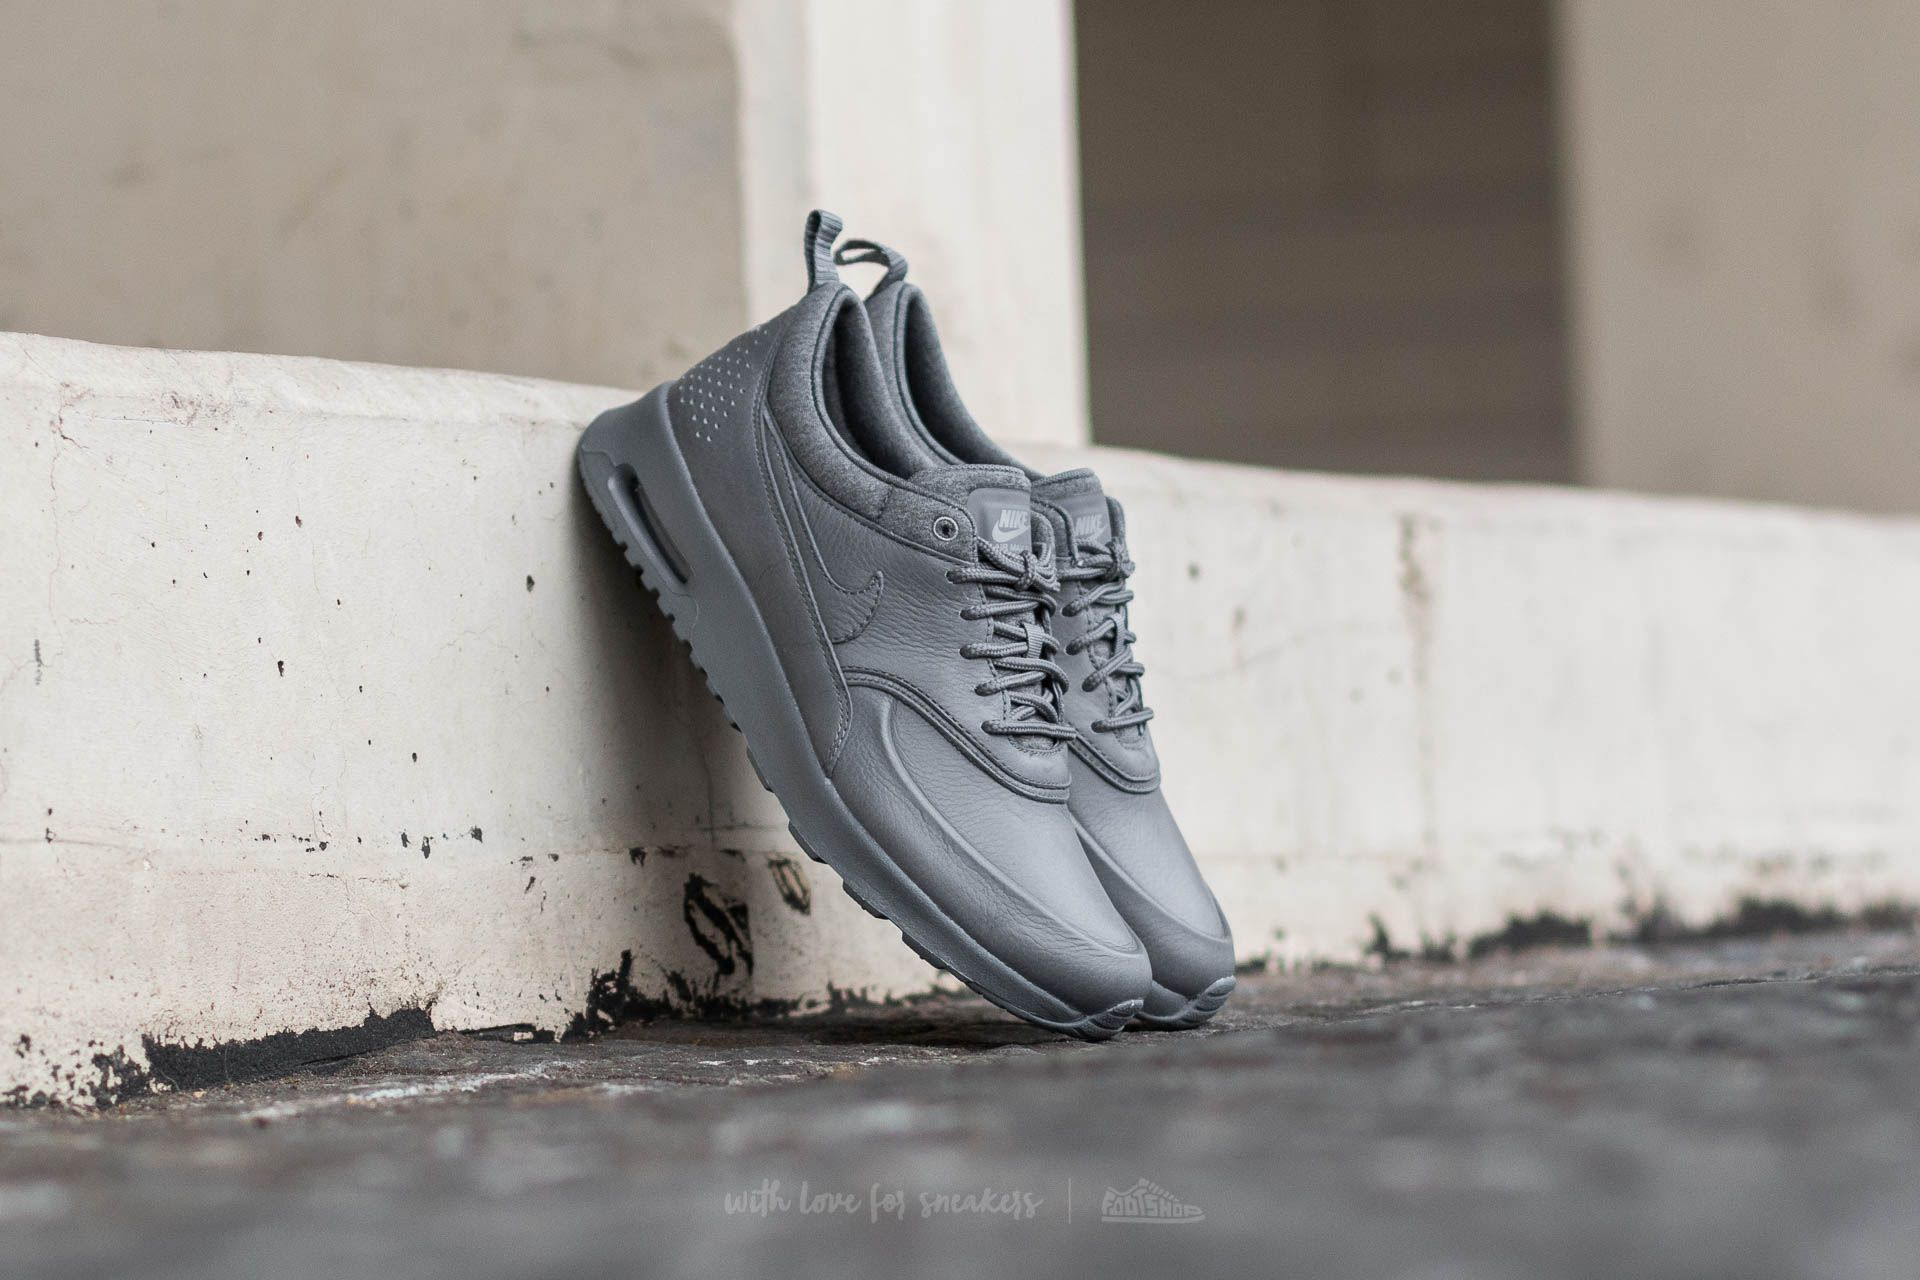 da9c928815ff Nike Wmns Air Max Thea Pinnacle Cool Grey  Cool Grey